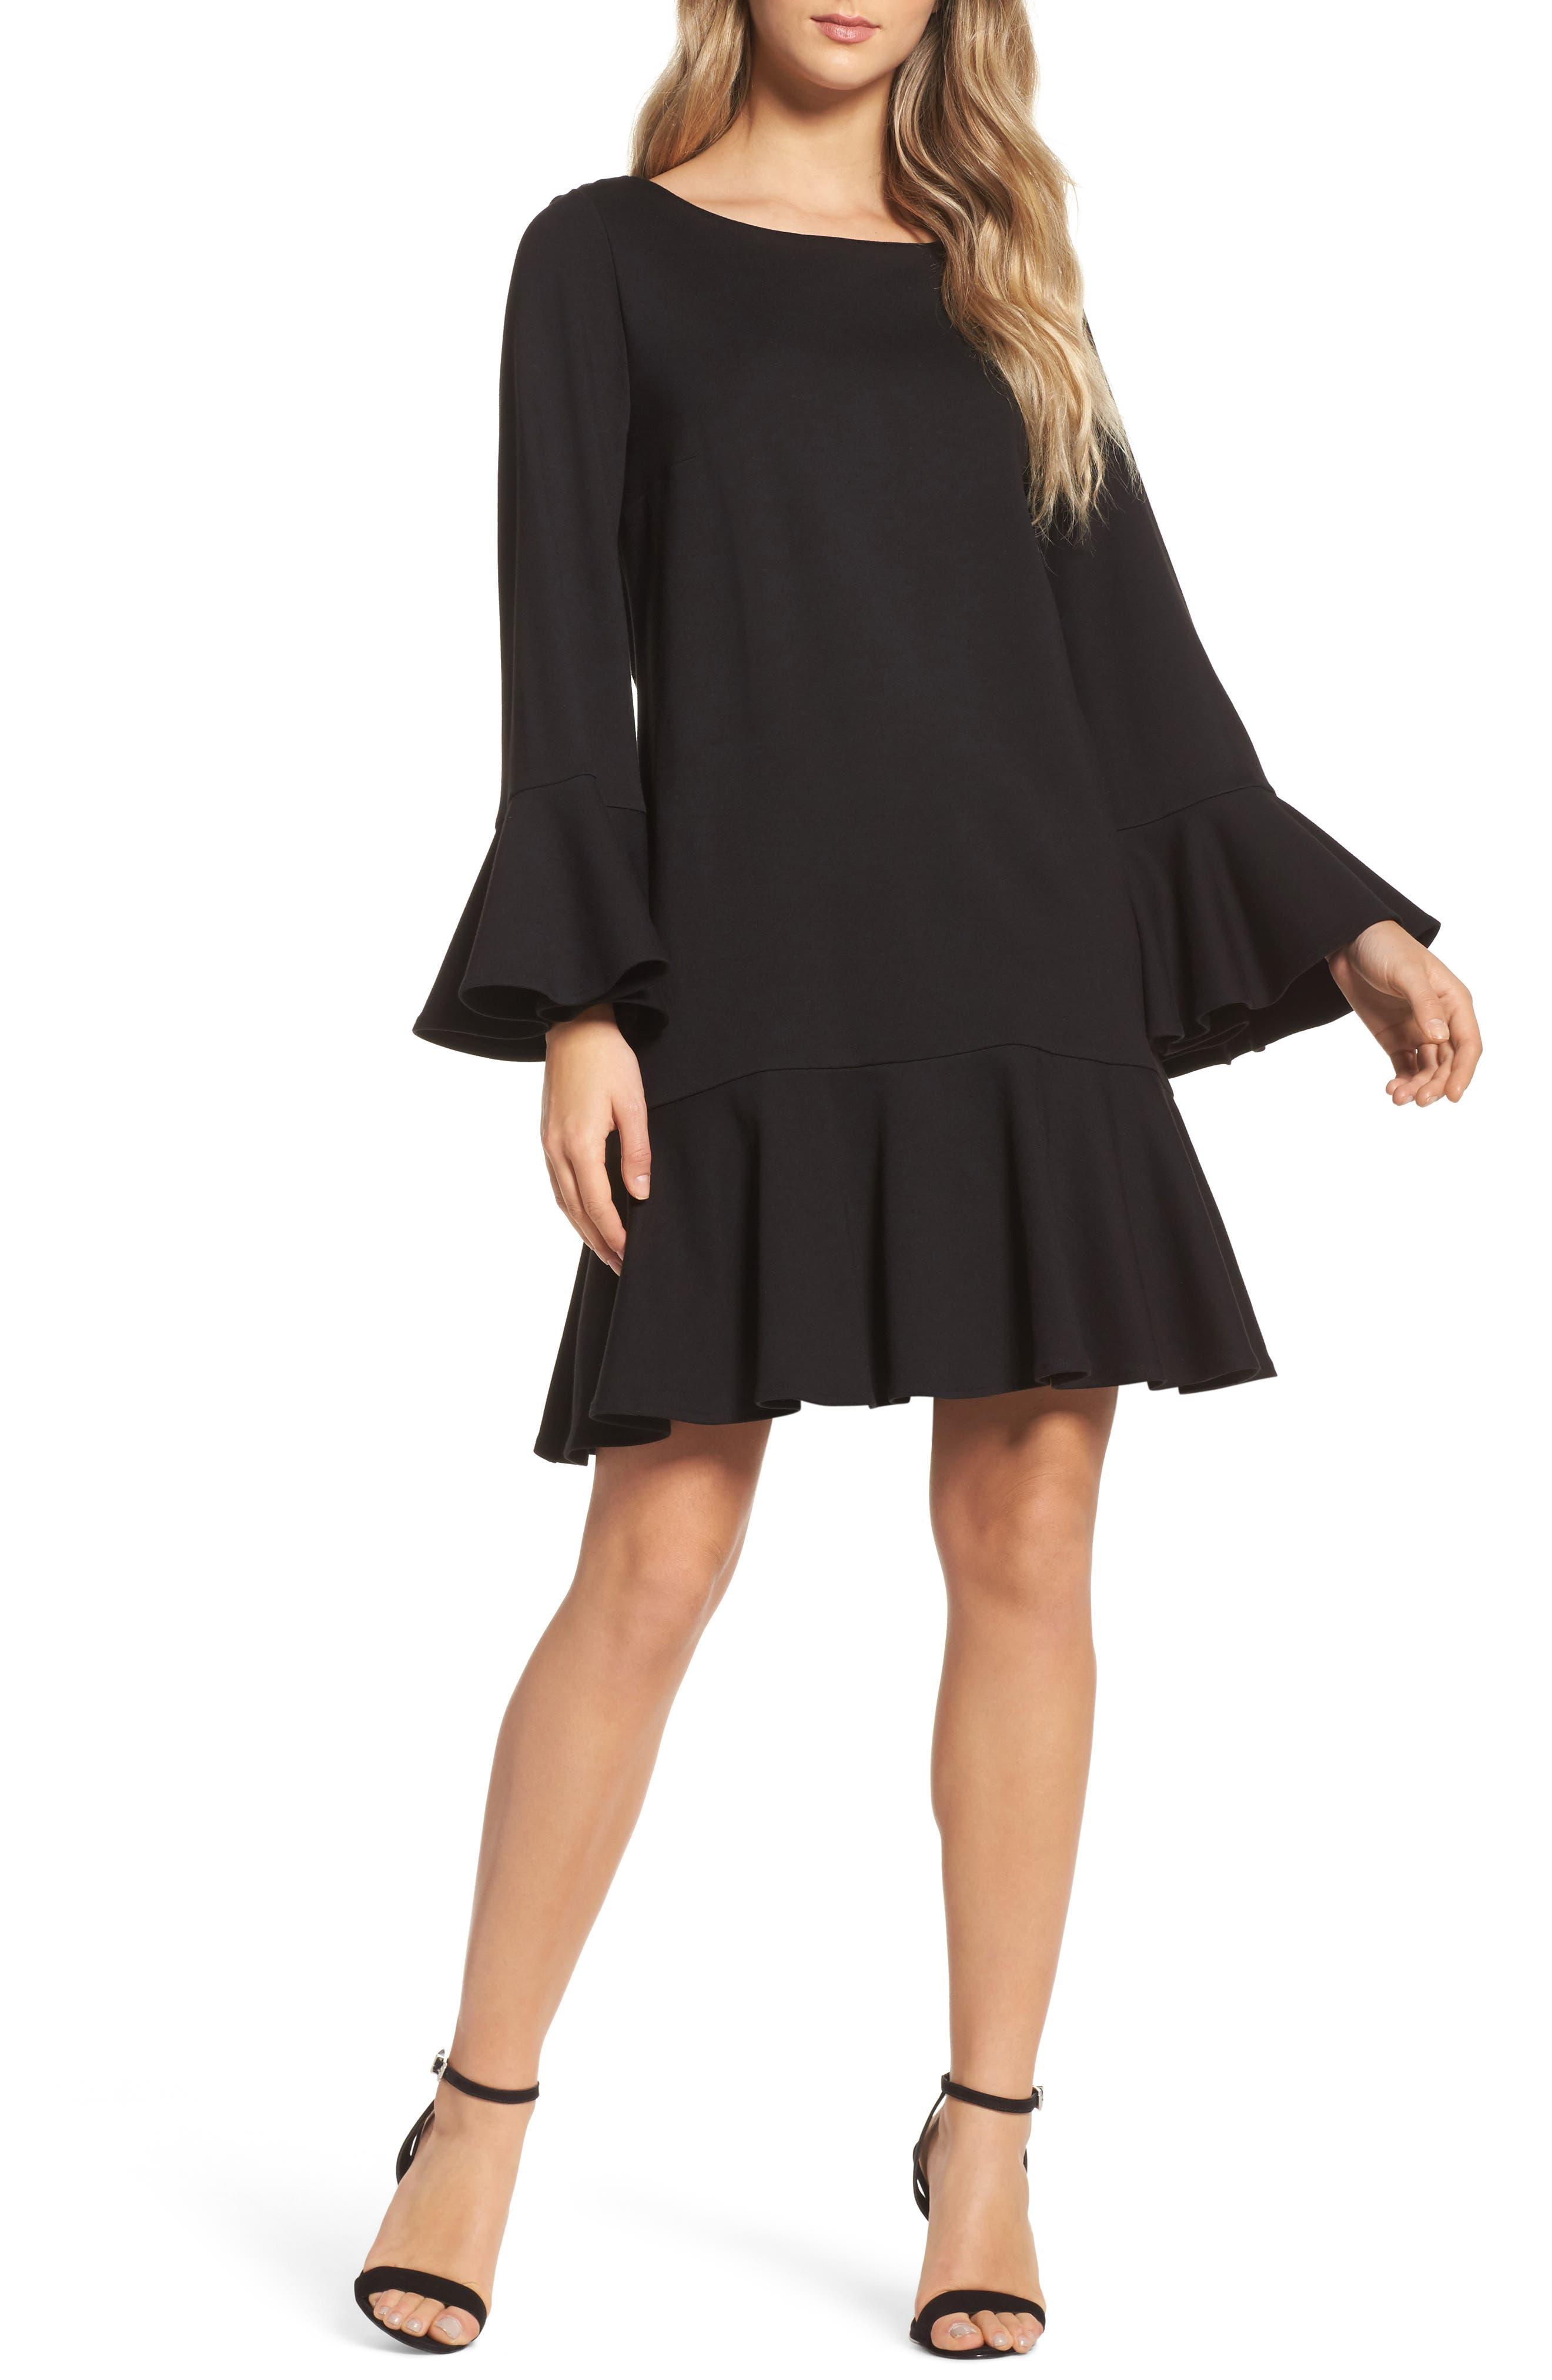 Matuku Lula Bell Sleeve Dress,                             Main thumbnail 1, color,                             Black